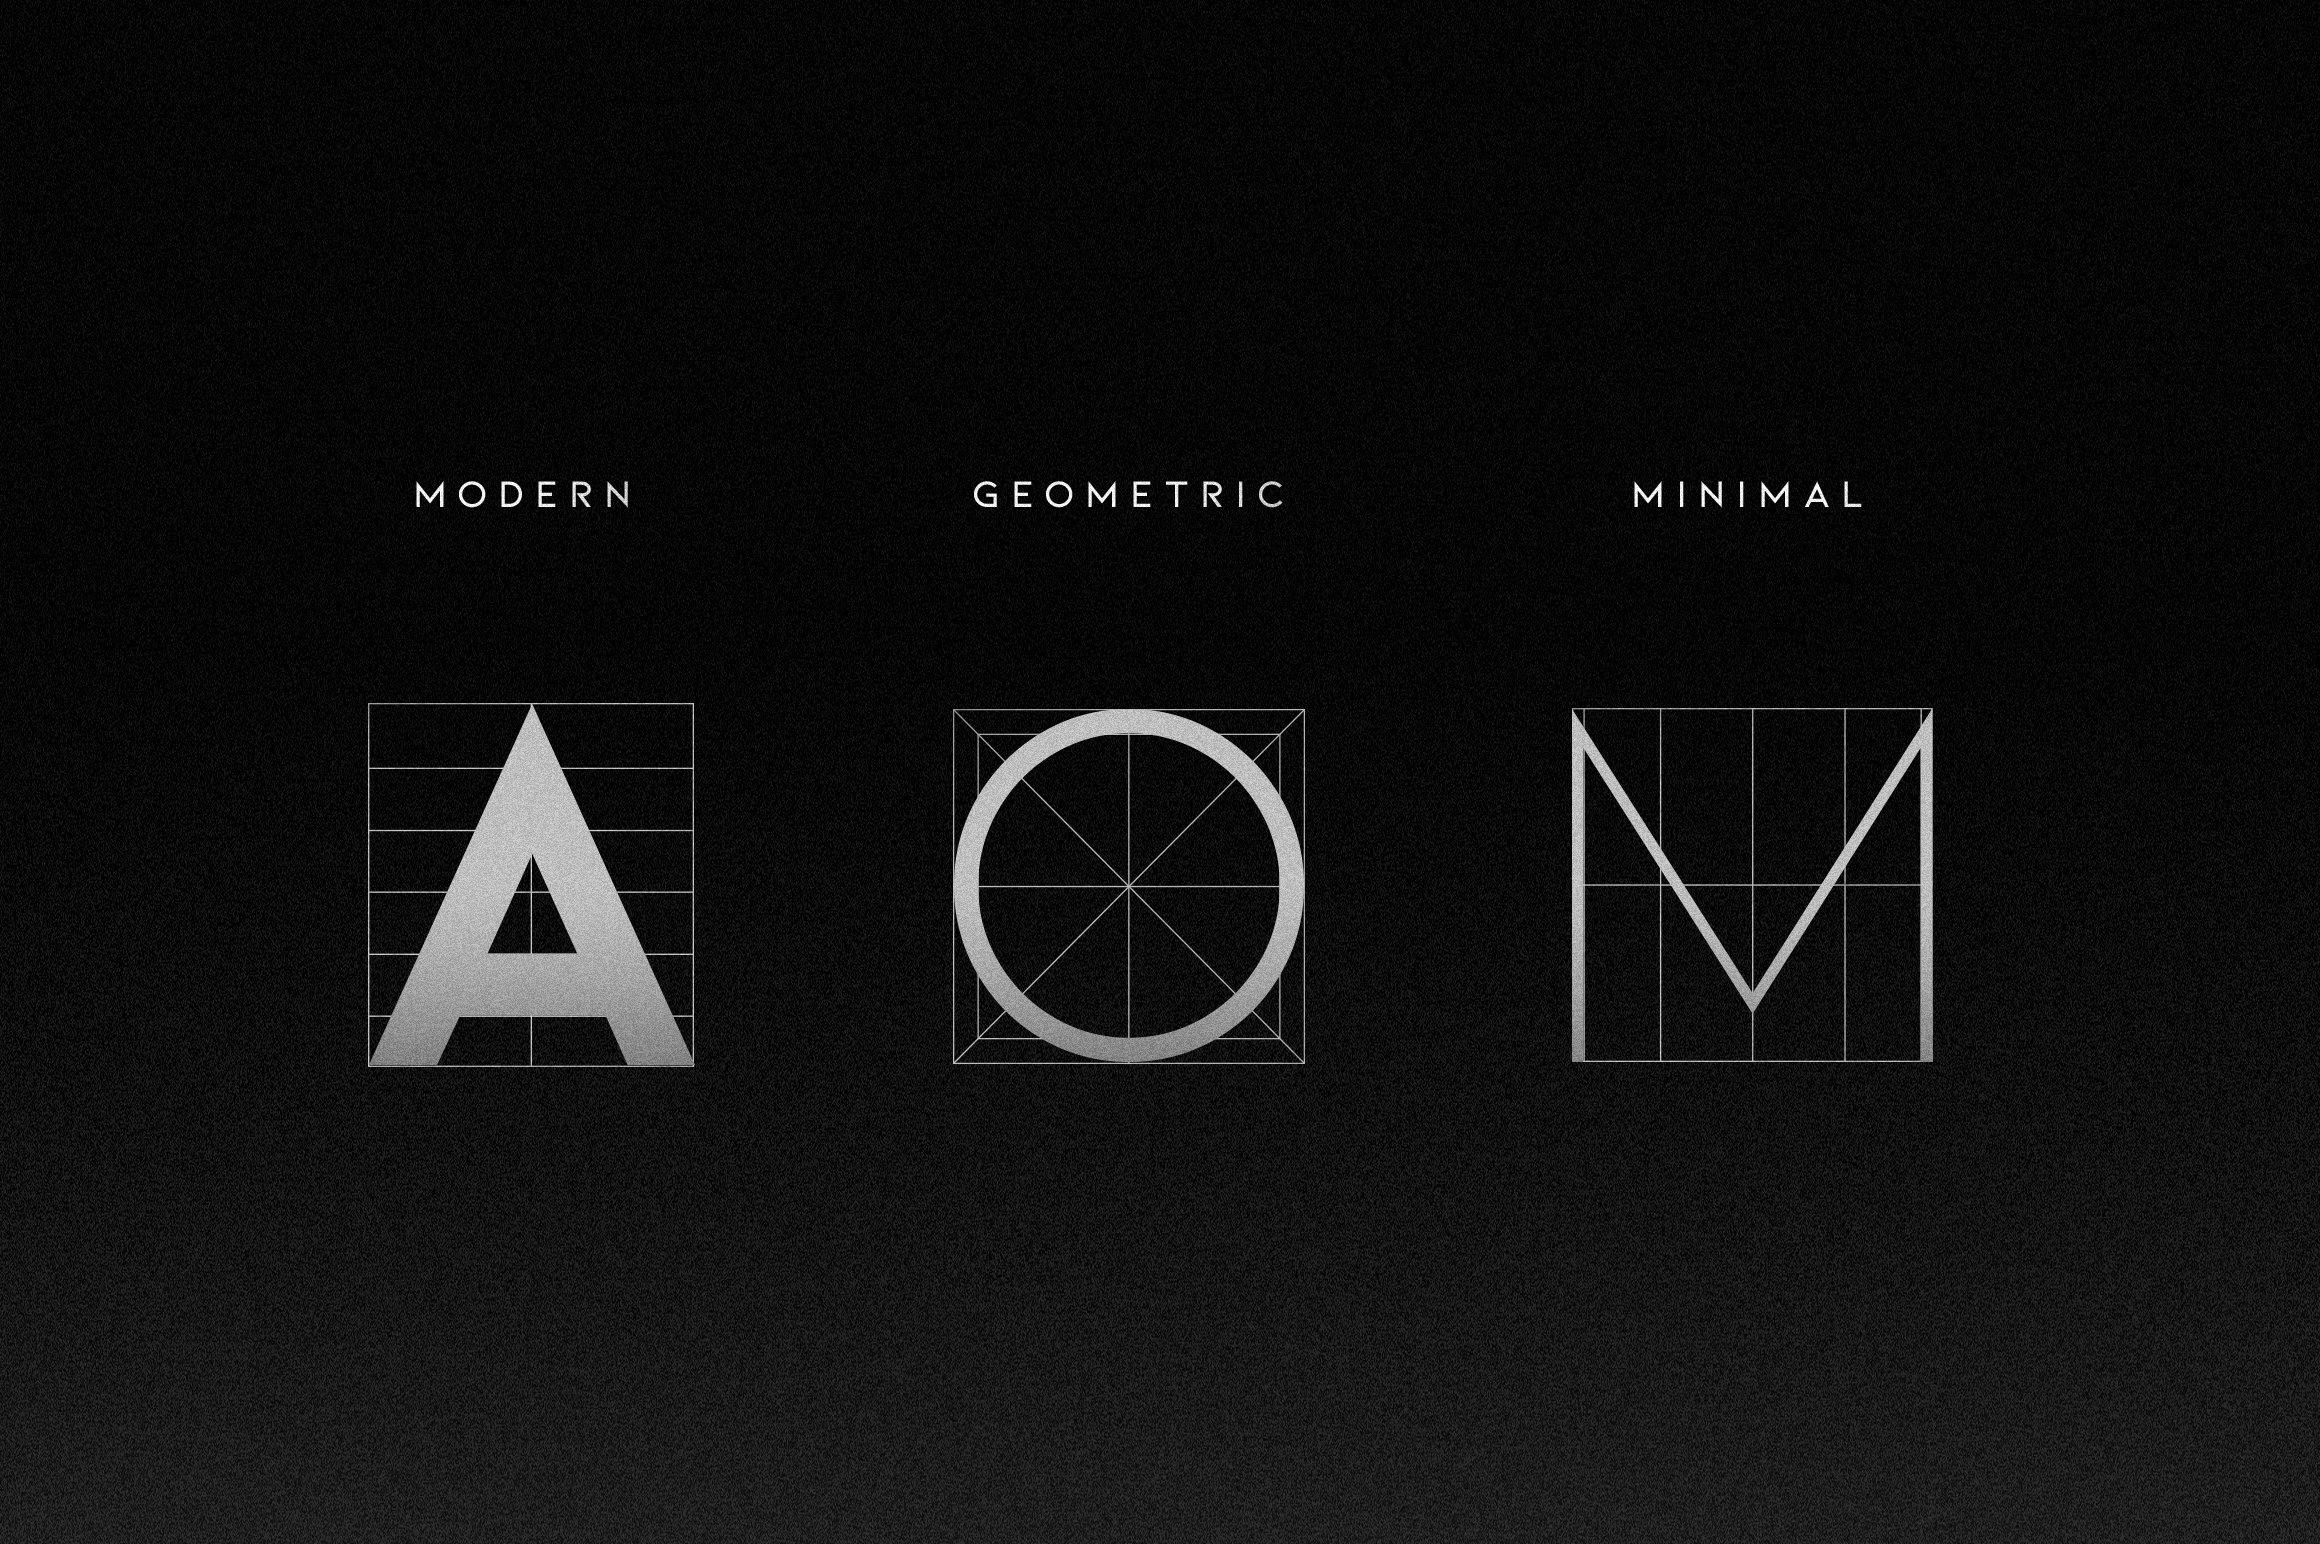 KIONA-Modern-Sans-Serif-www.mockuphill.com